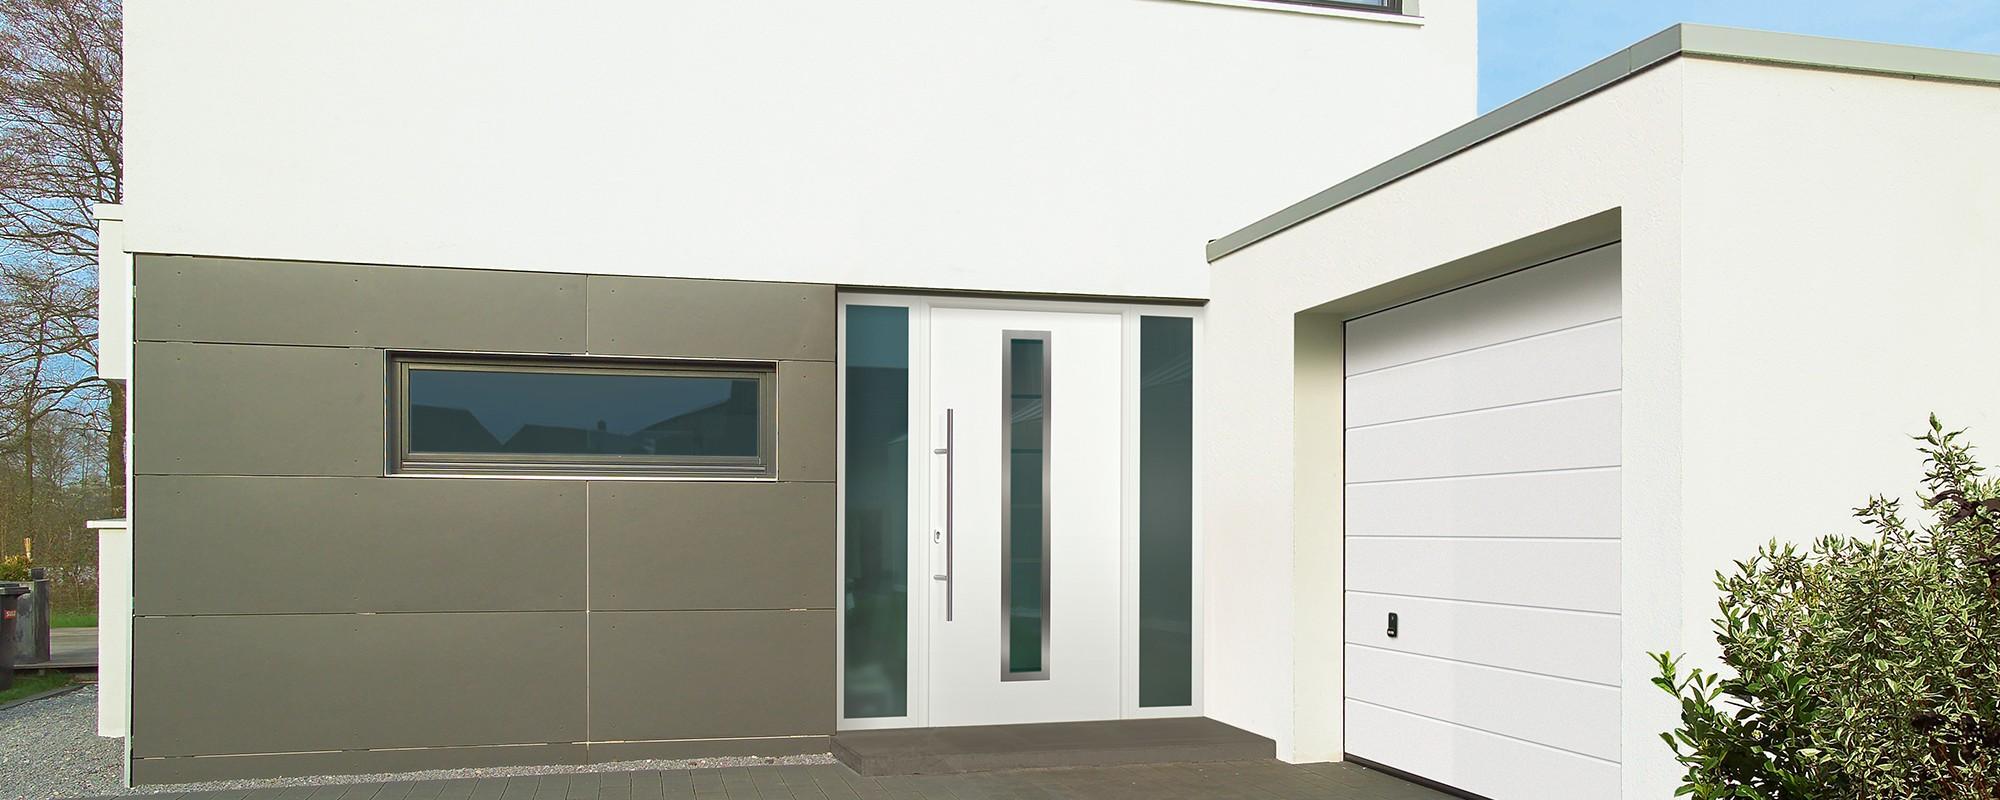 thermopro en thermoplus voordeuren van h rmann h rmann partnerwebsite nederland. Black Bedroom Furniture Sets. Home Design Ideas